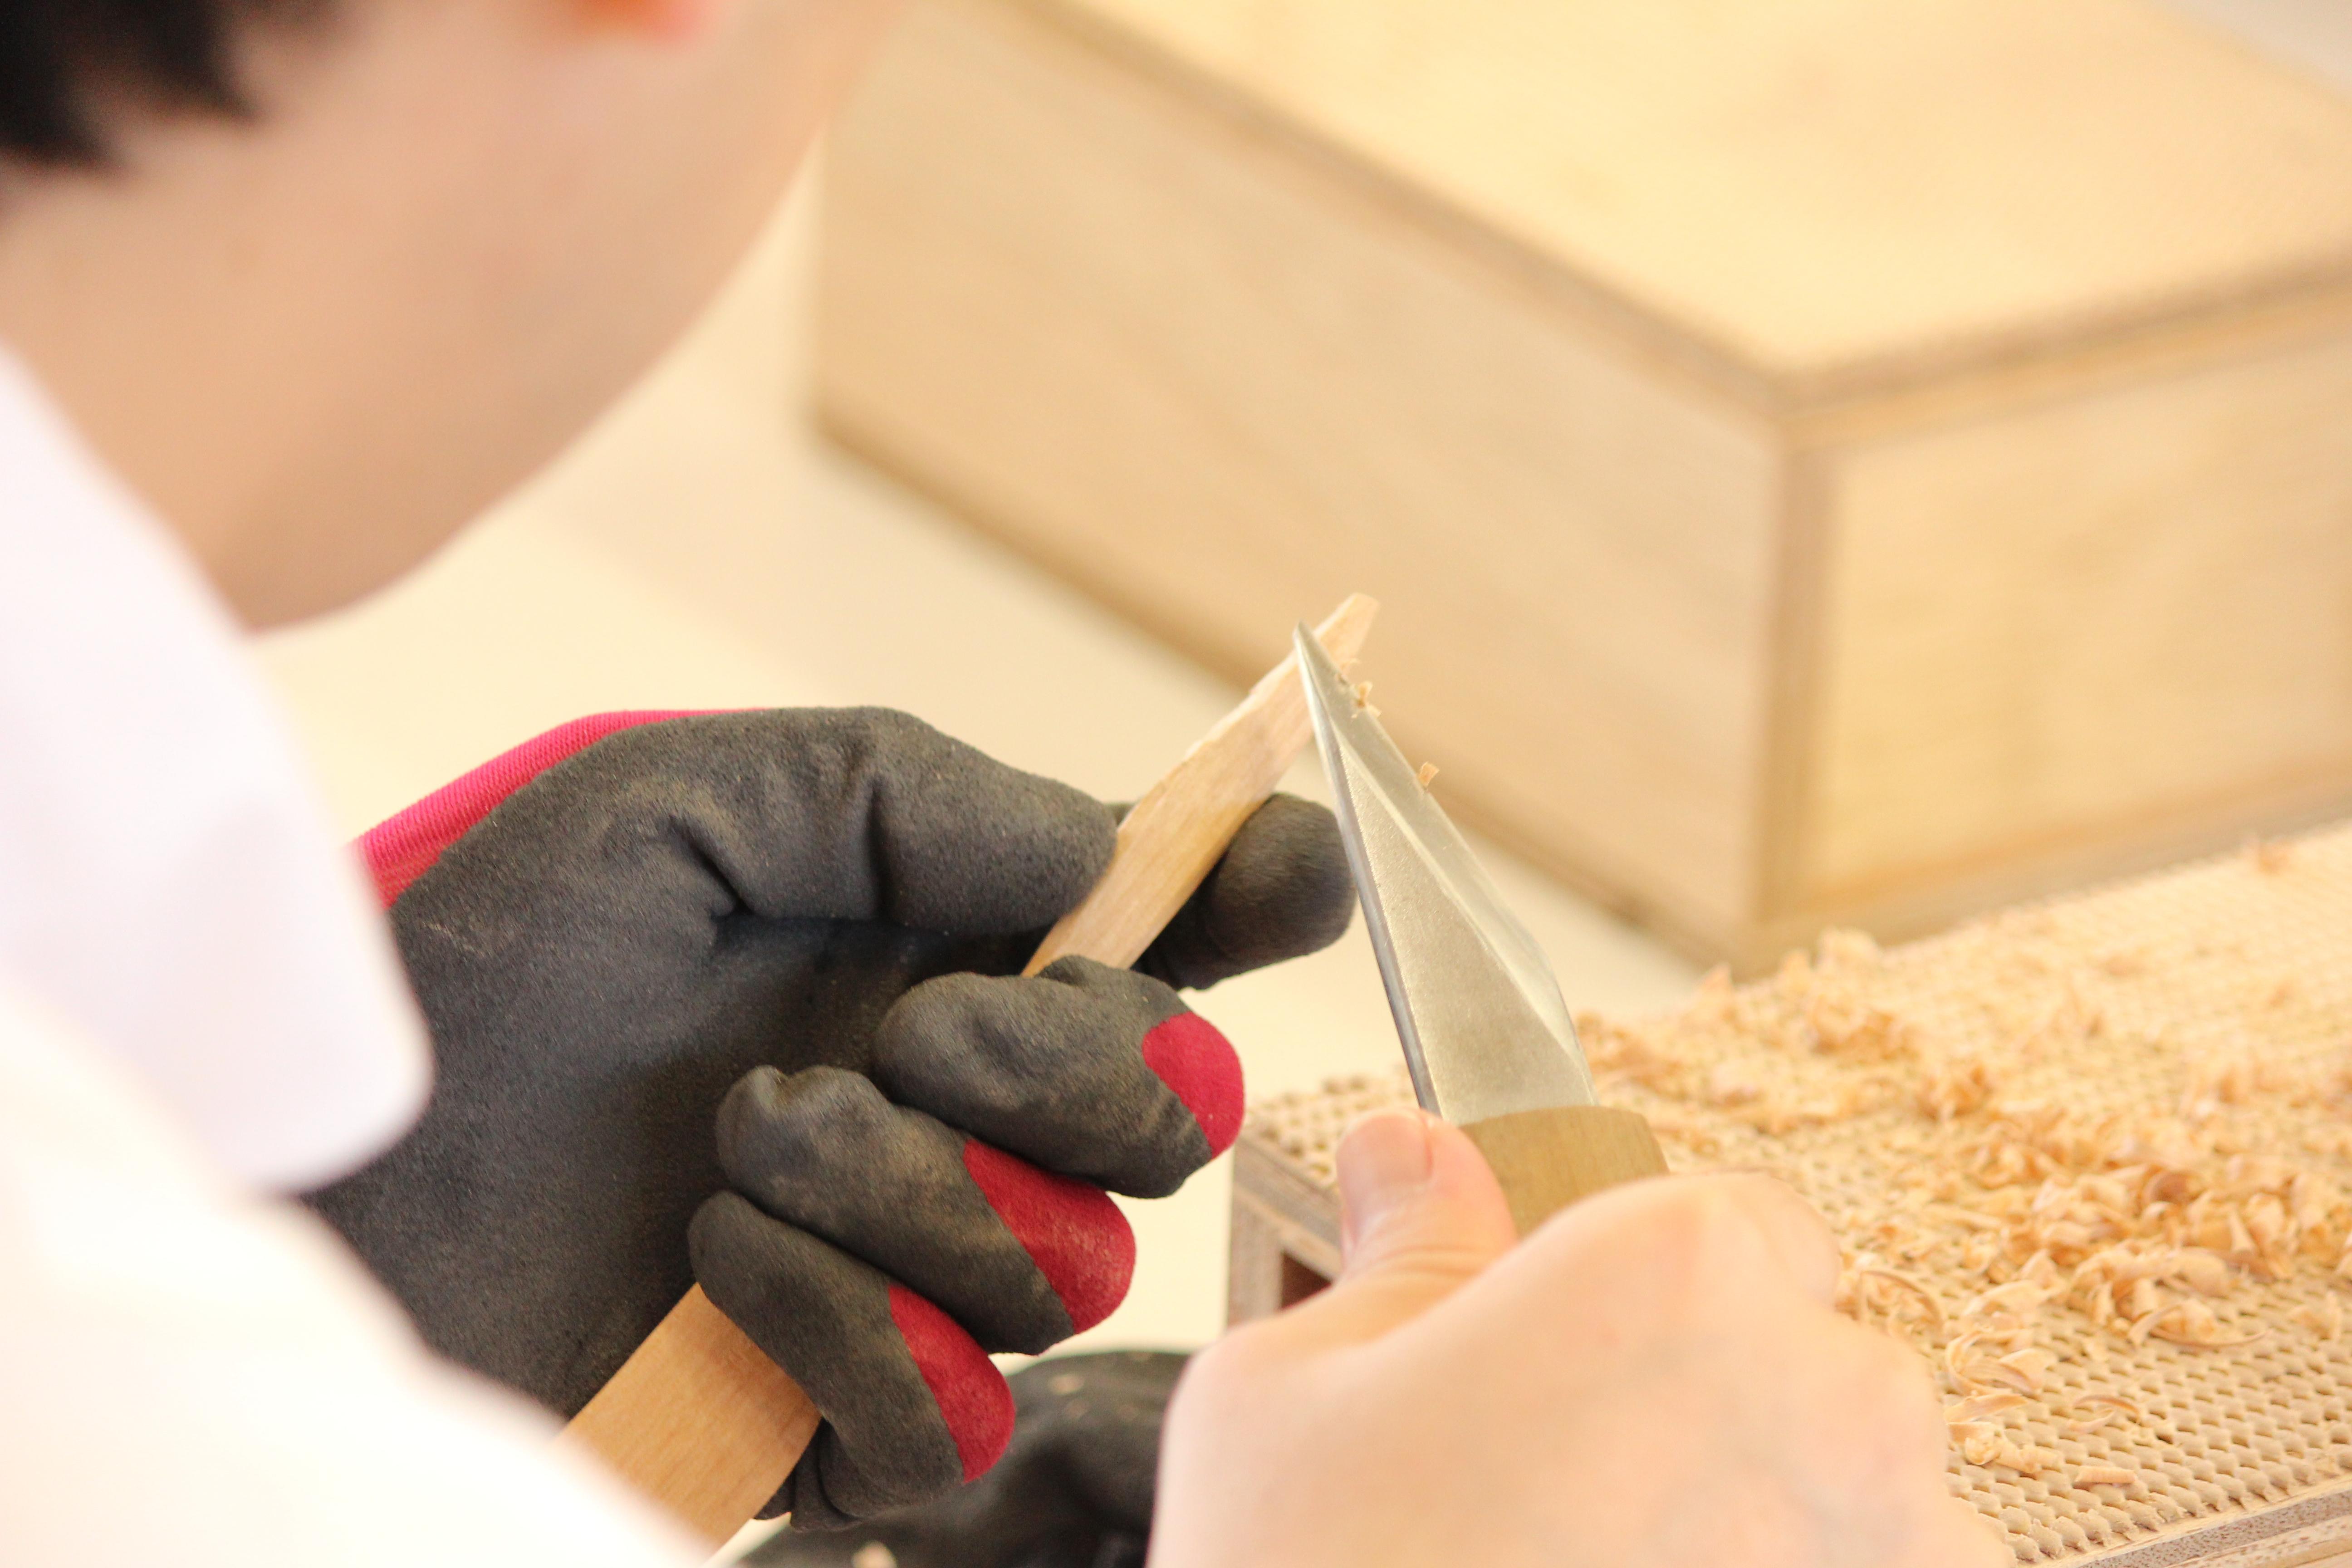 木製バターナイフづくりワークショップ